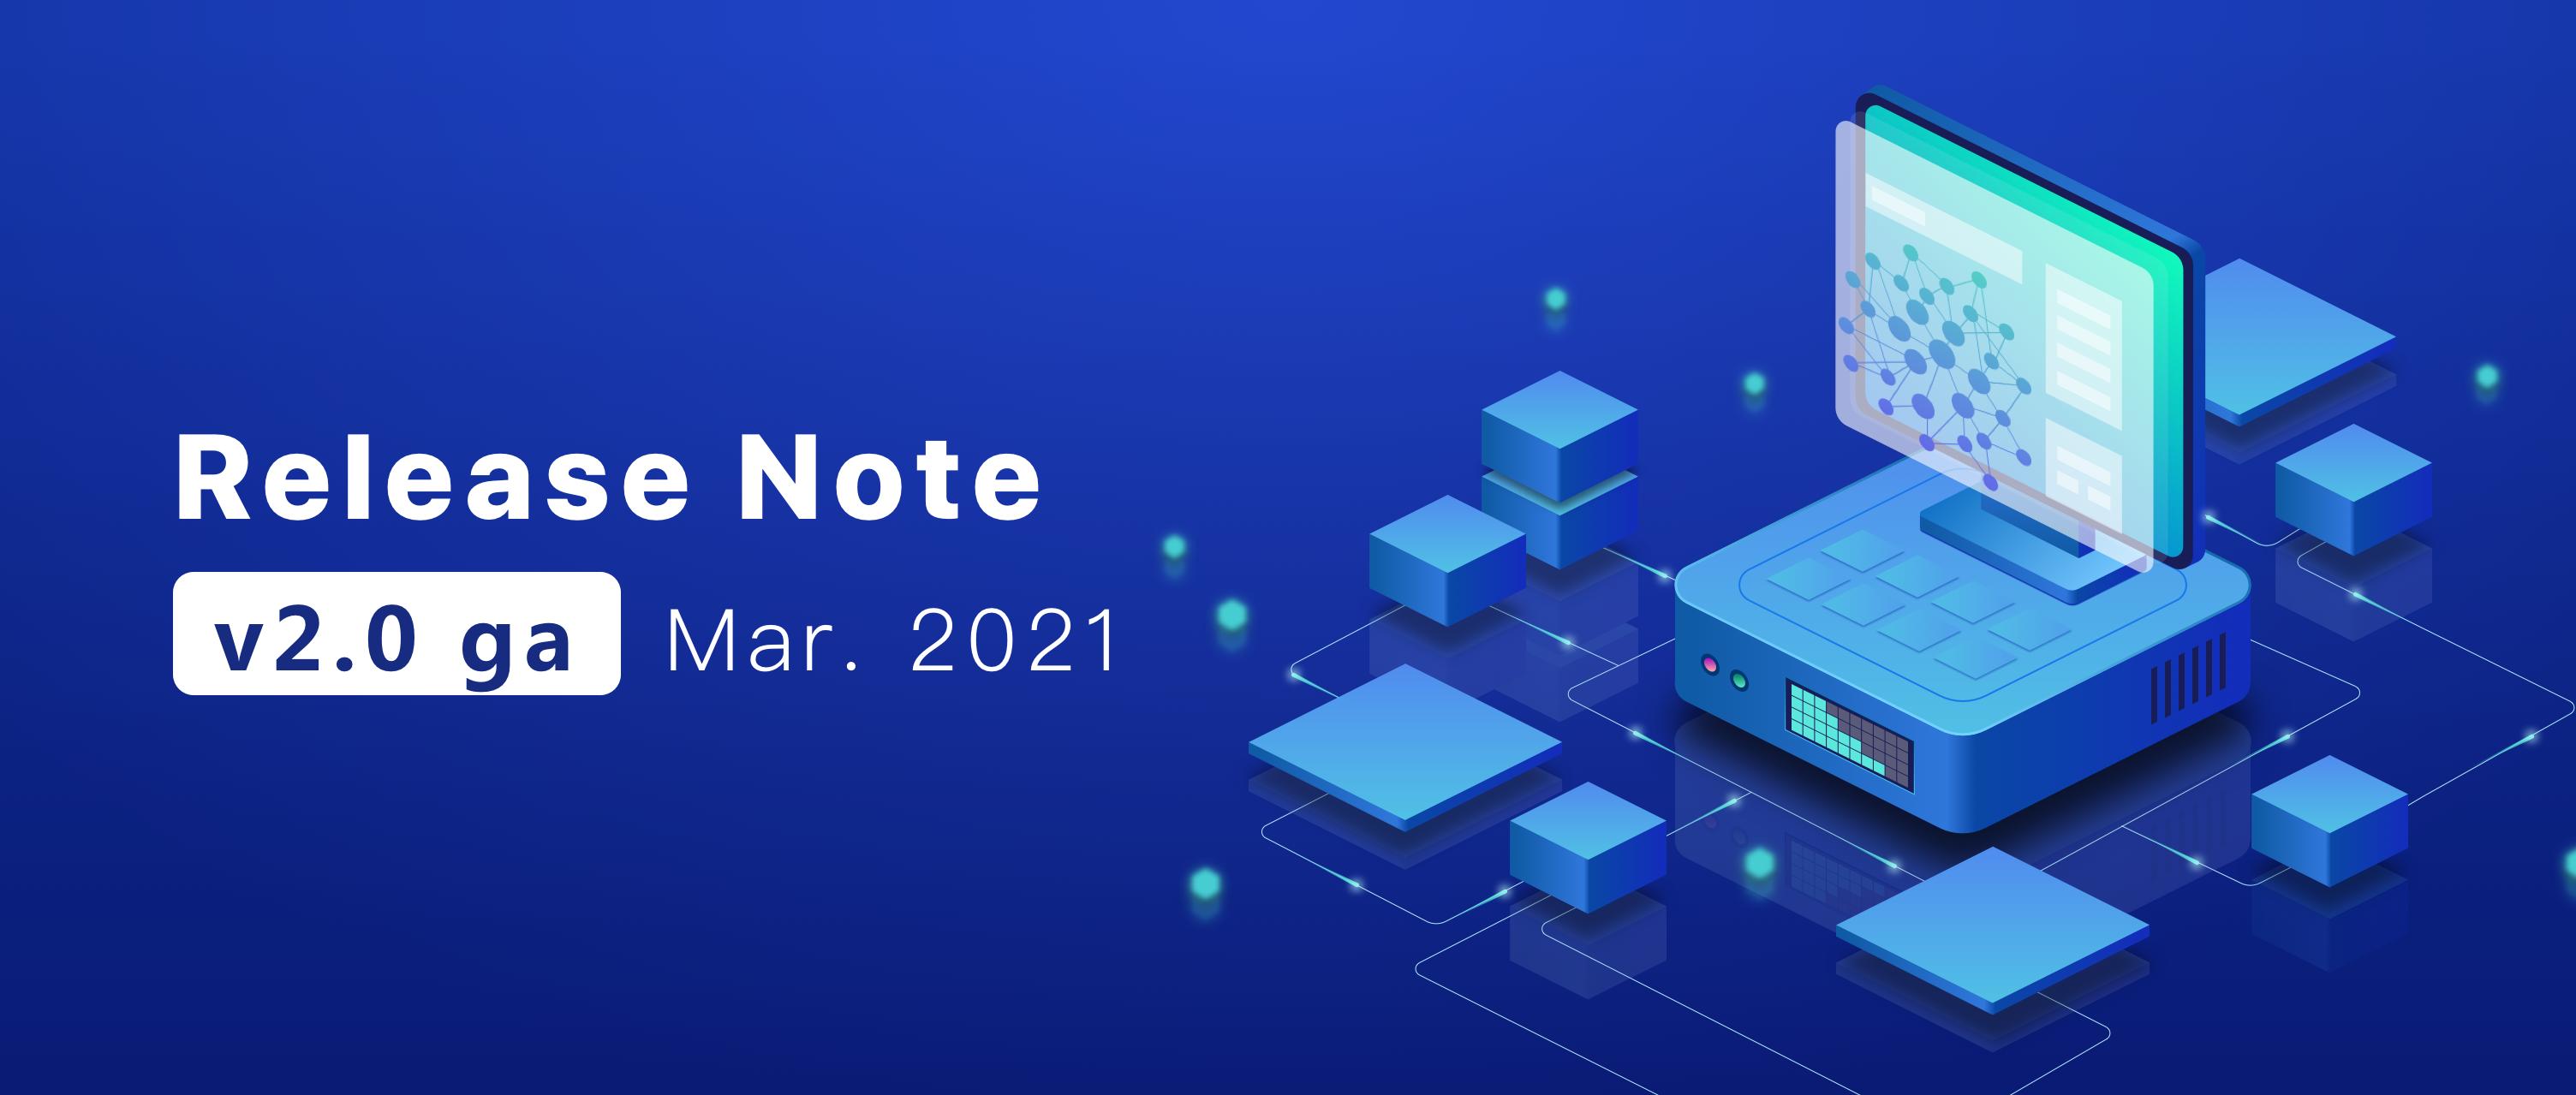 v2.0 GA Release note